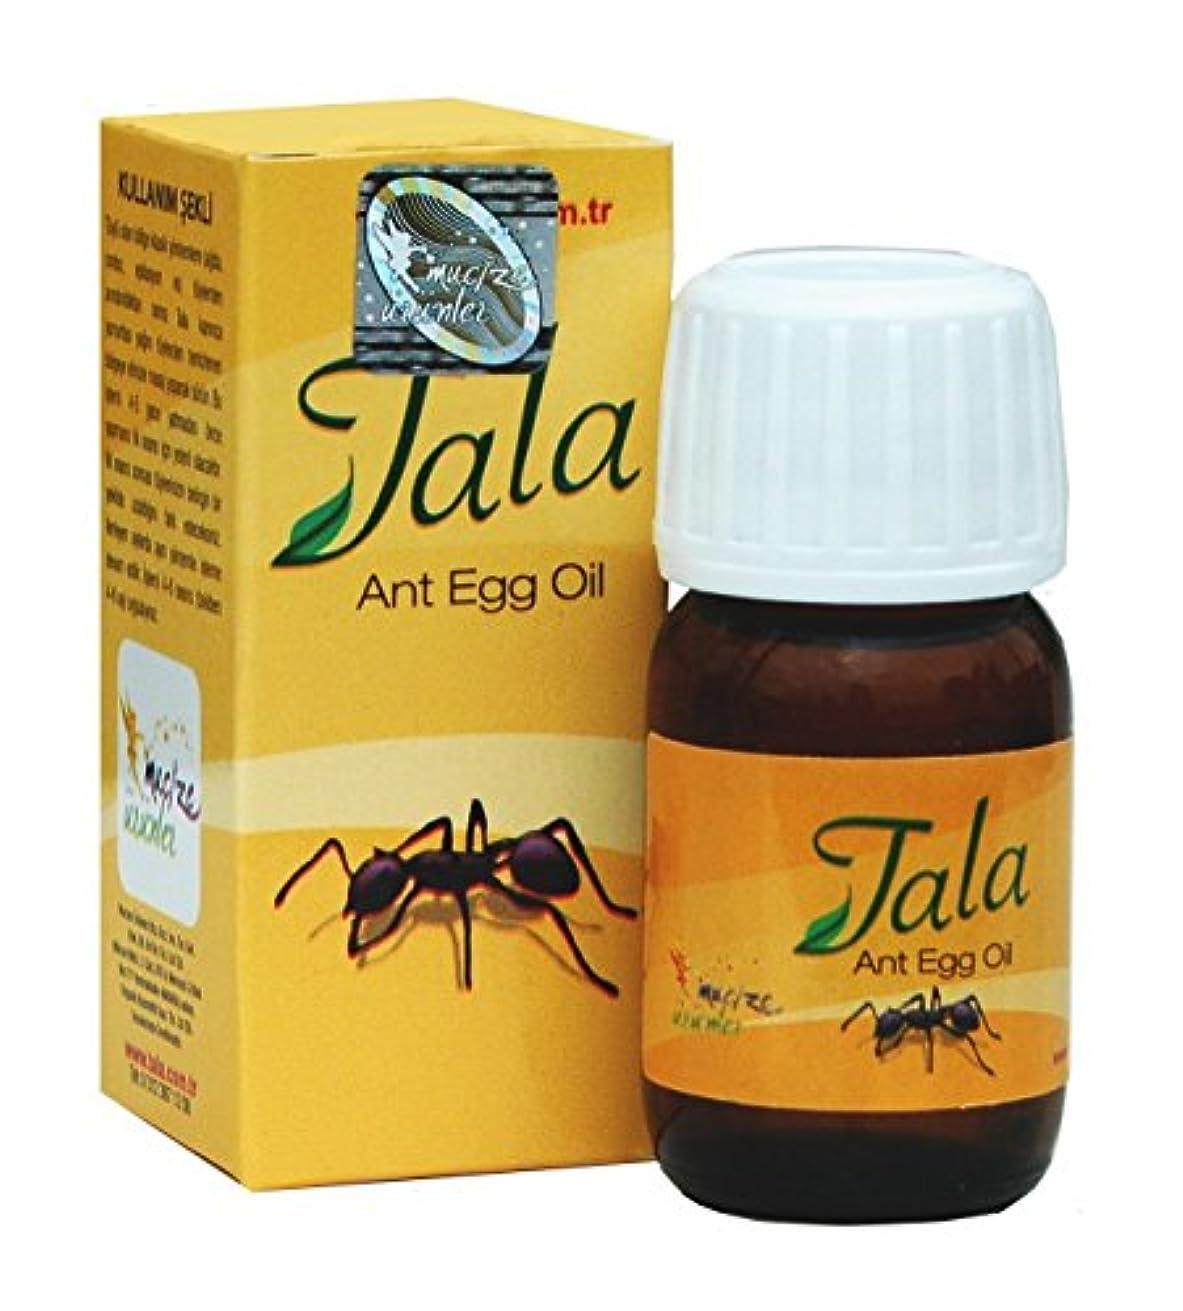 マトリックステスト製作Tala Ant Egg Oil (アリ脱毛オイル) 20 ml [並行輸入品]